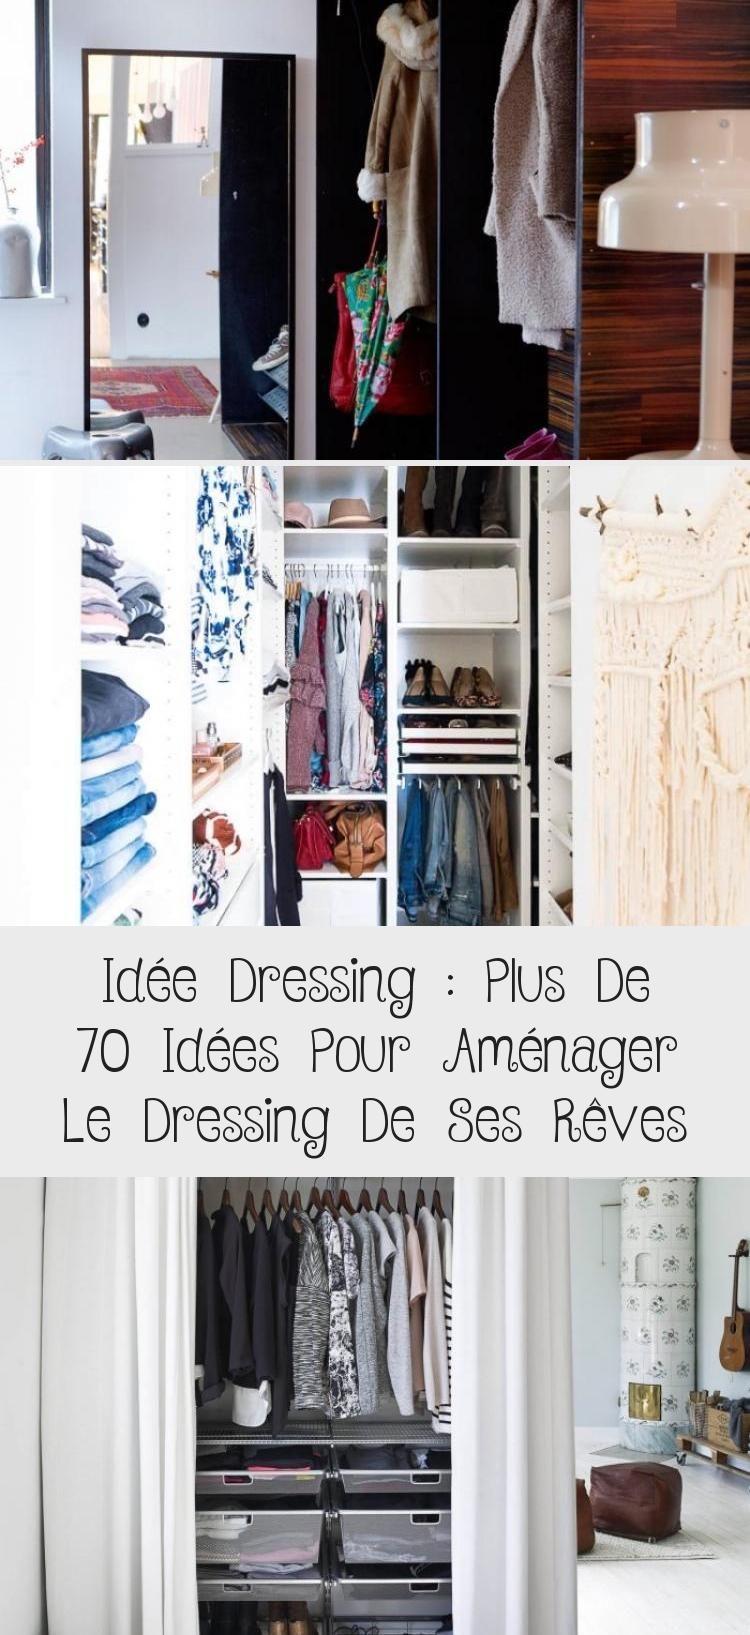 Construire Un Dressing Idees